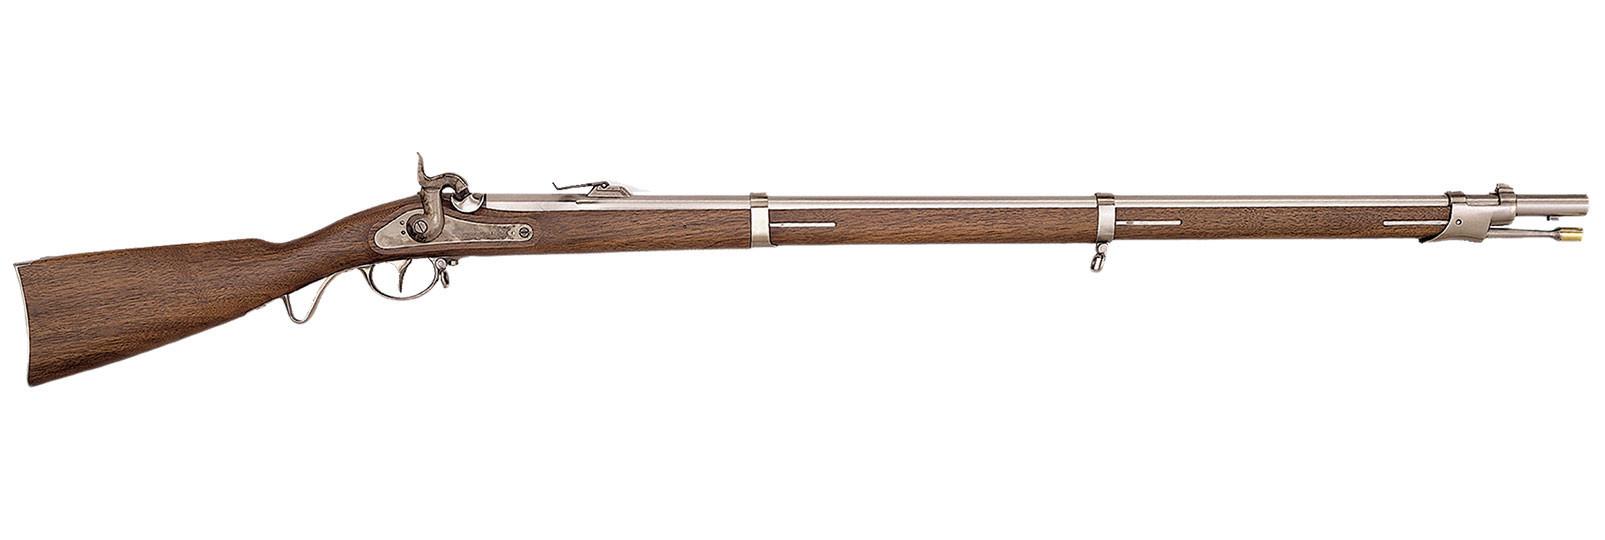 Fucile 1857 Wurttembergischen